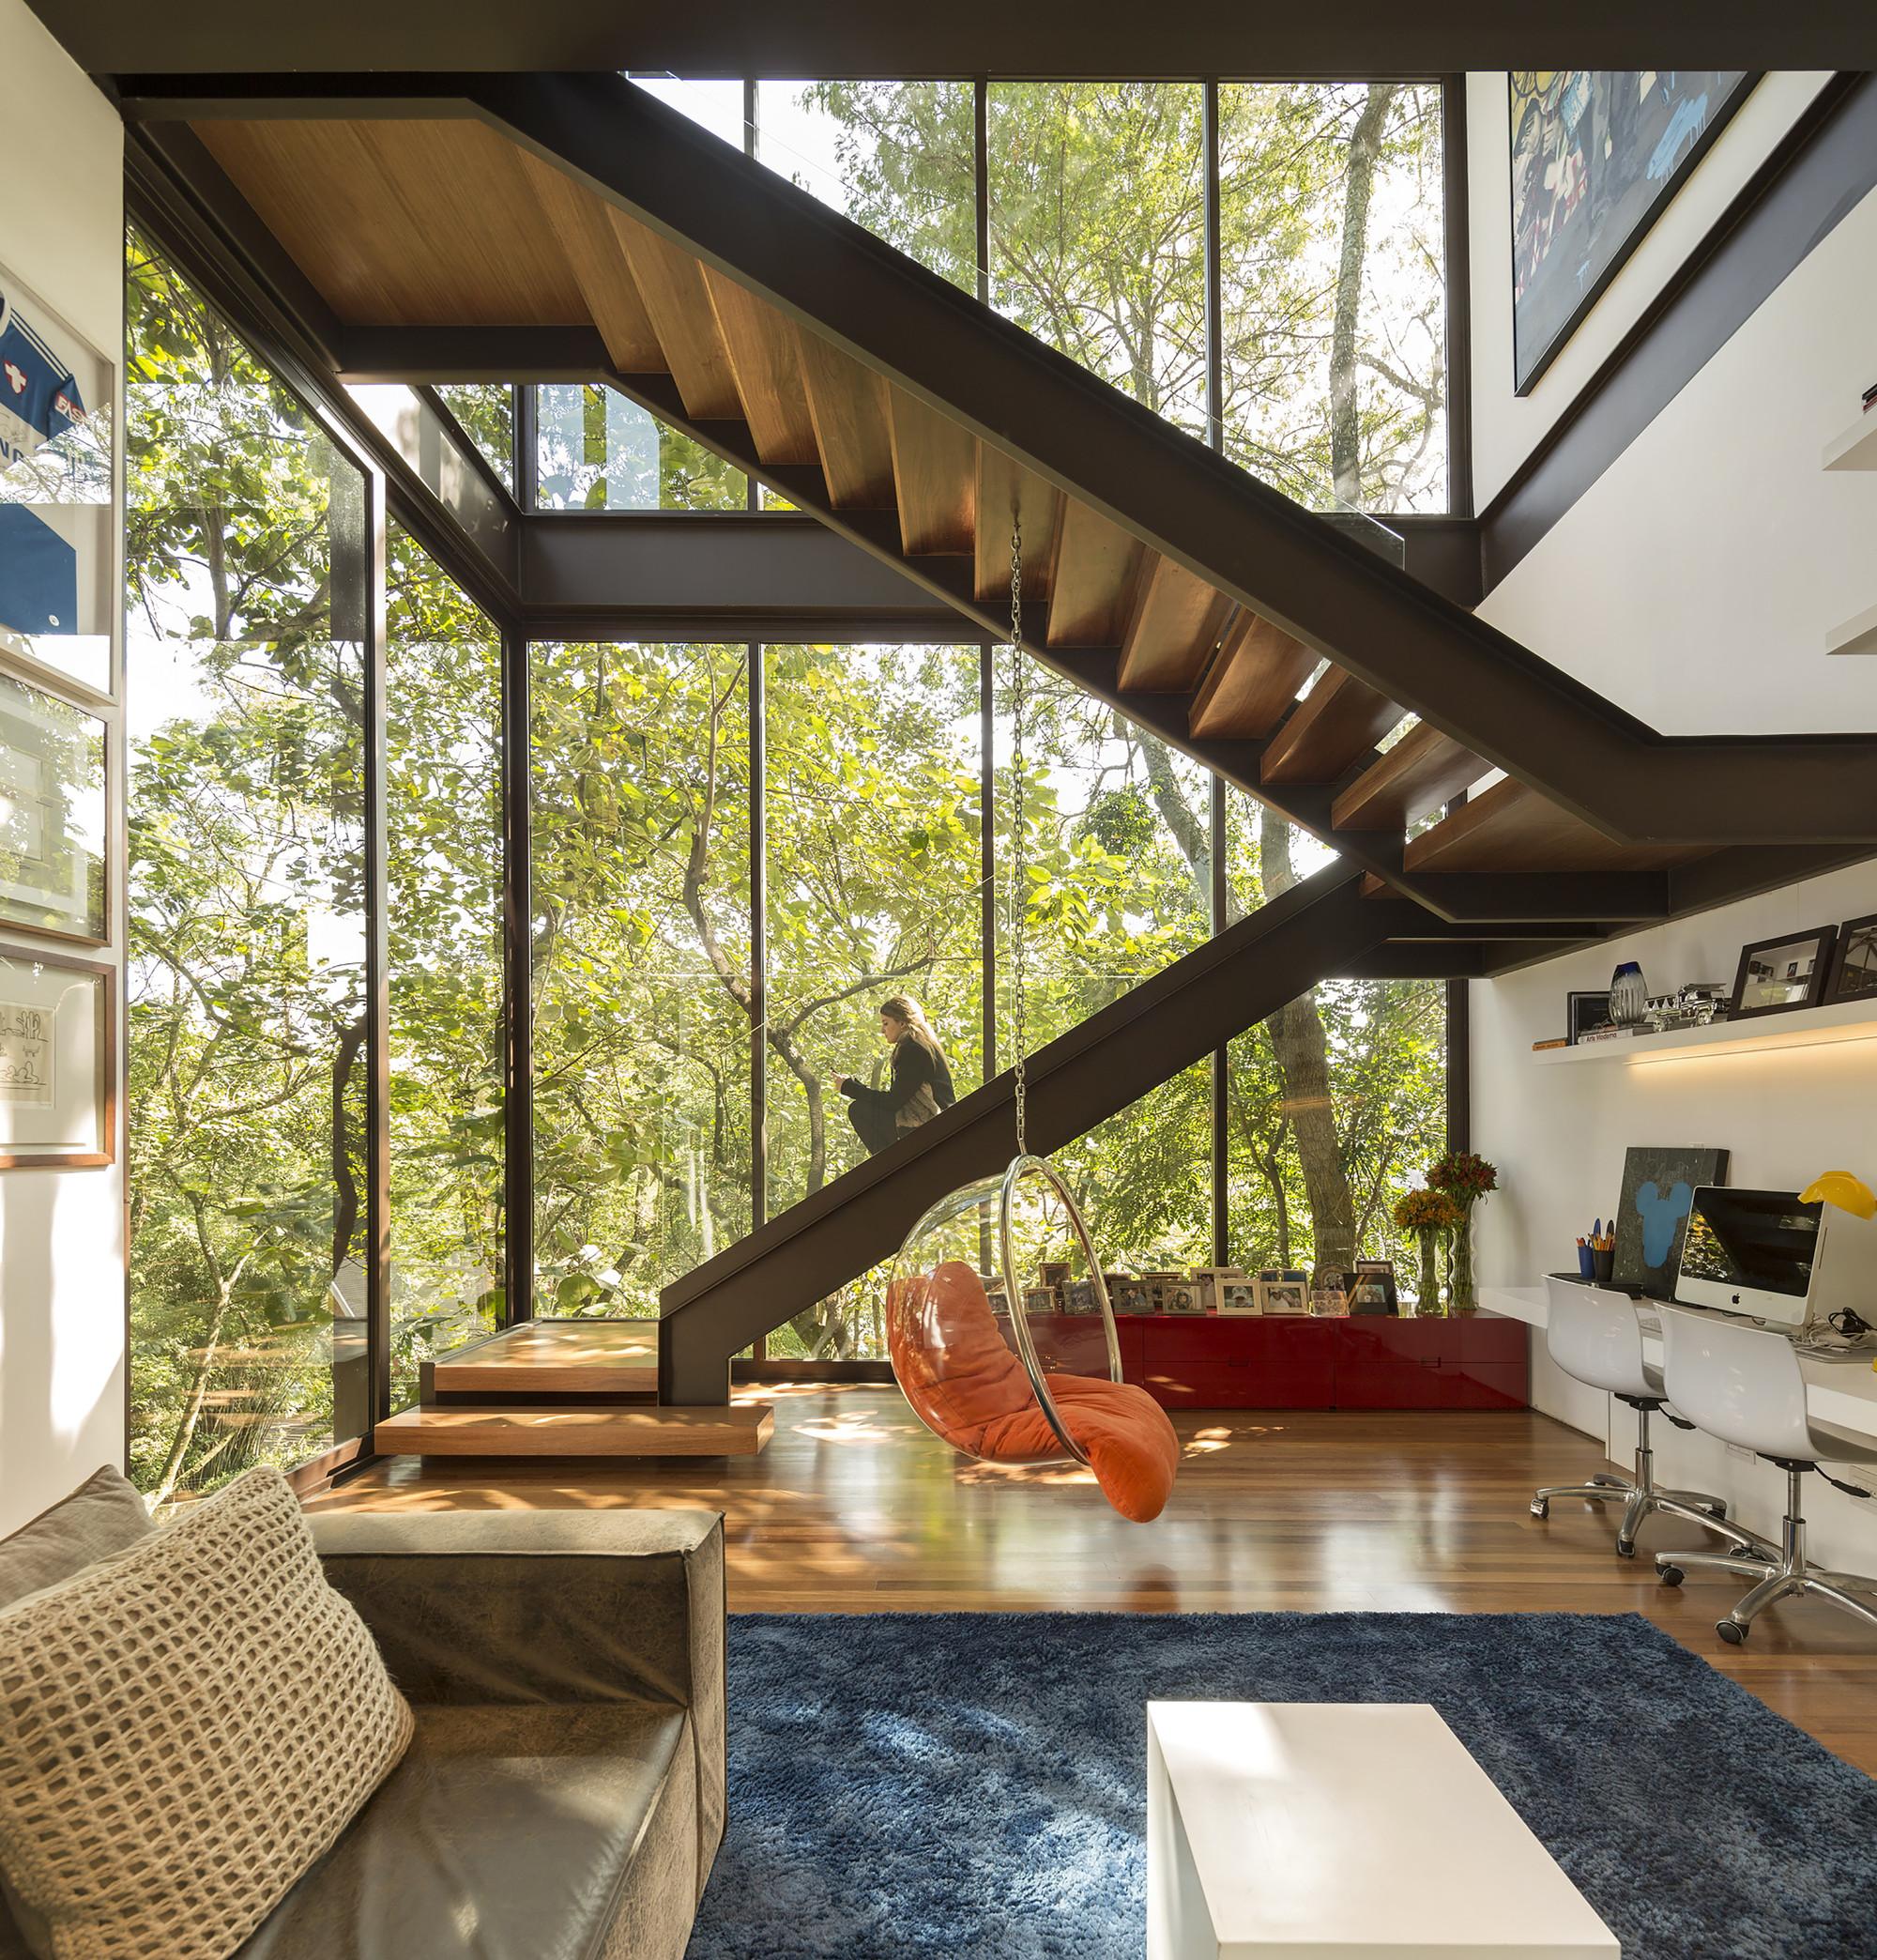 Residência Limantos / Fernanda Marques Arquitetos Associados, © Fernando Guerra | FG+SG